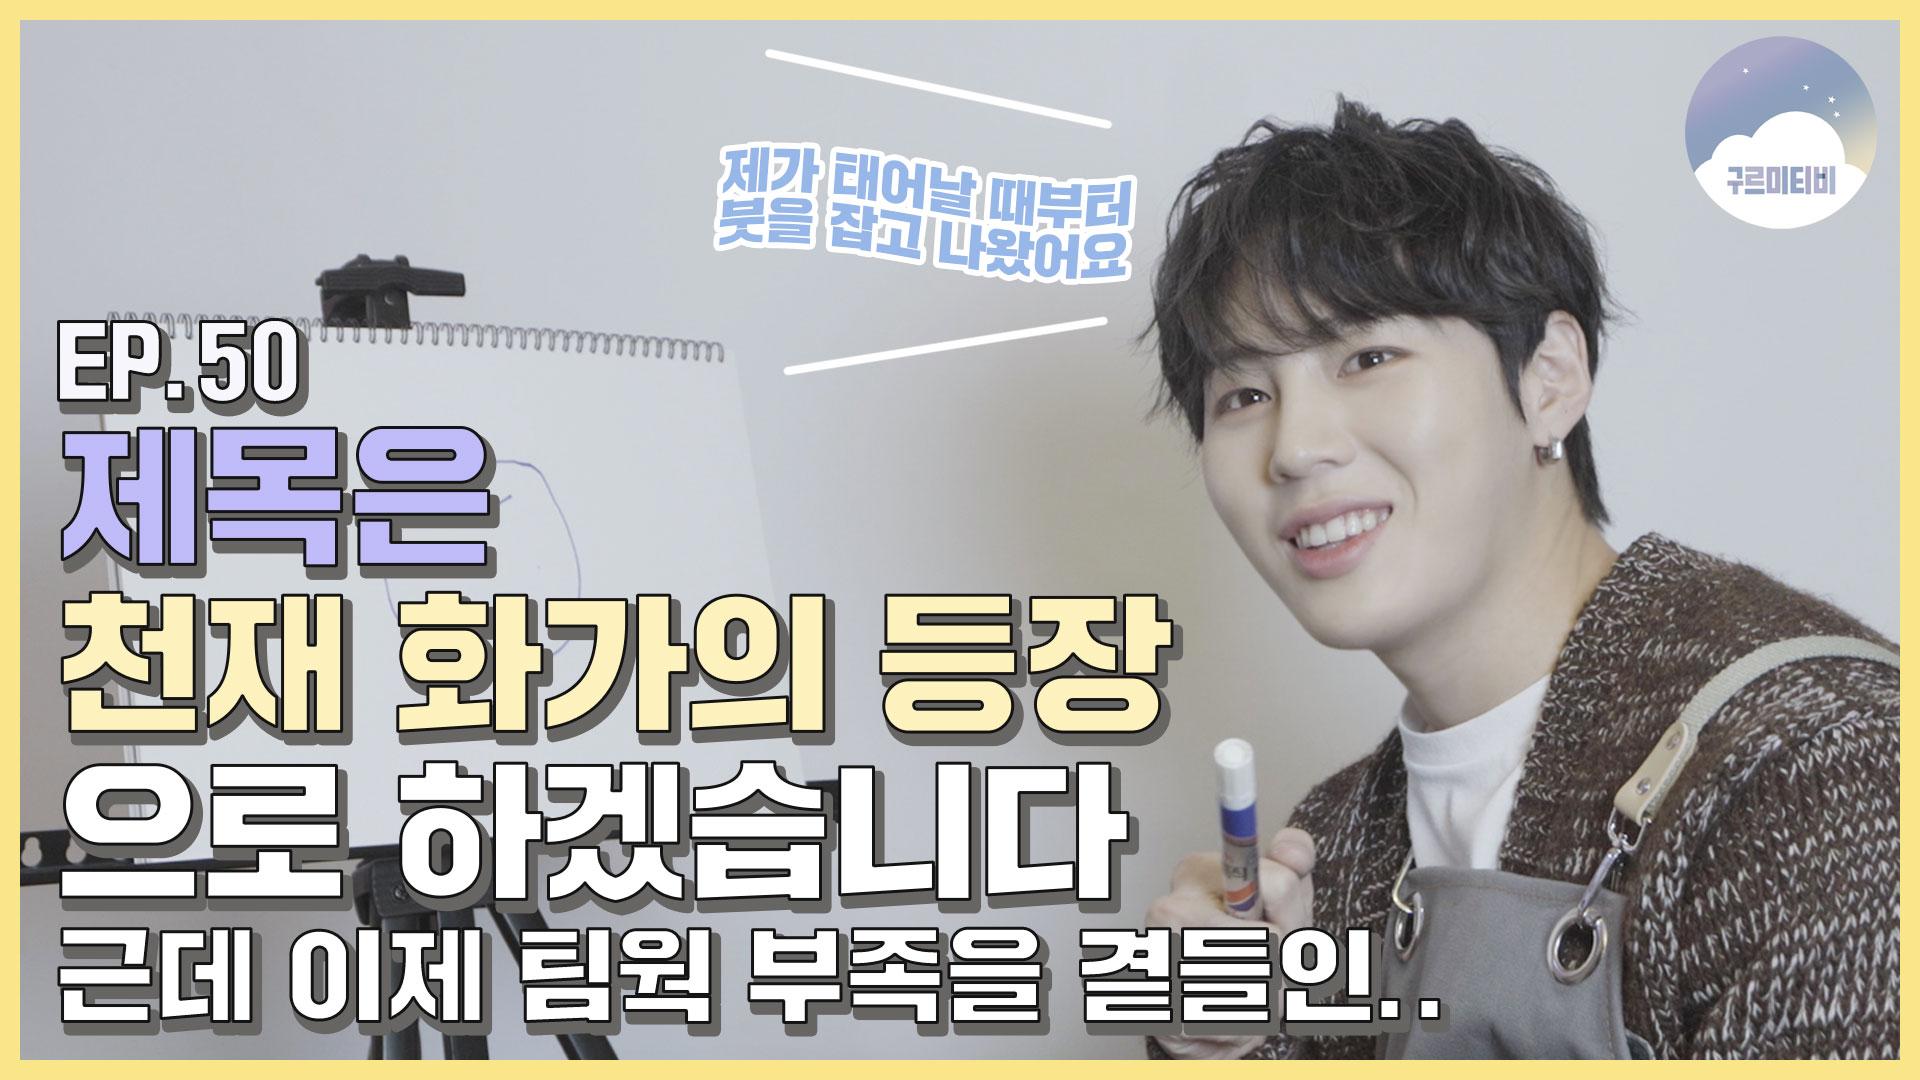 [구르미TV] EP.50 구르미의 속마음 맞히기 feat. 팀하성운